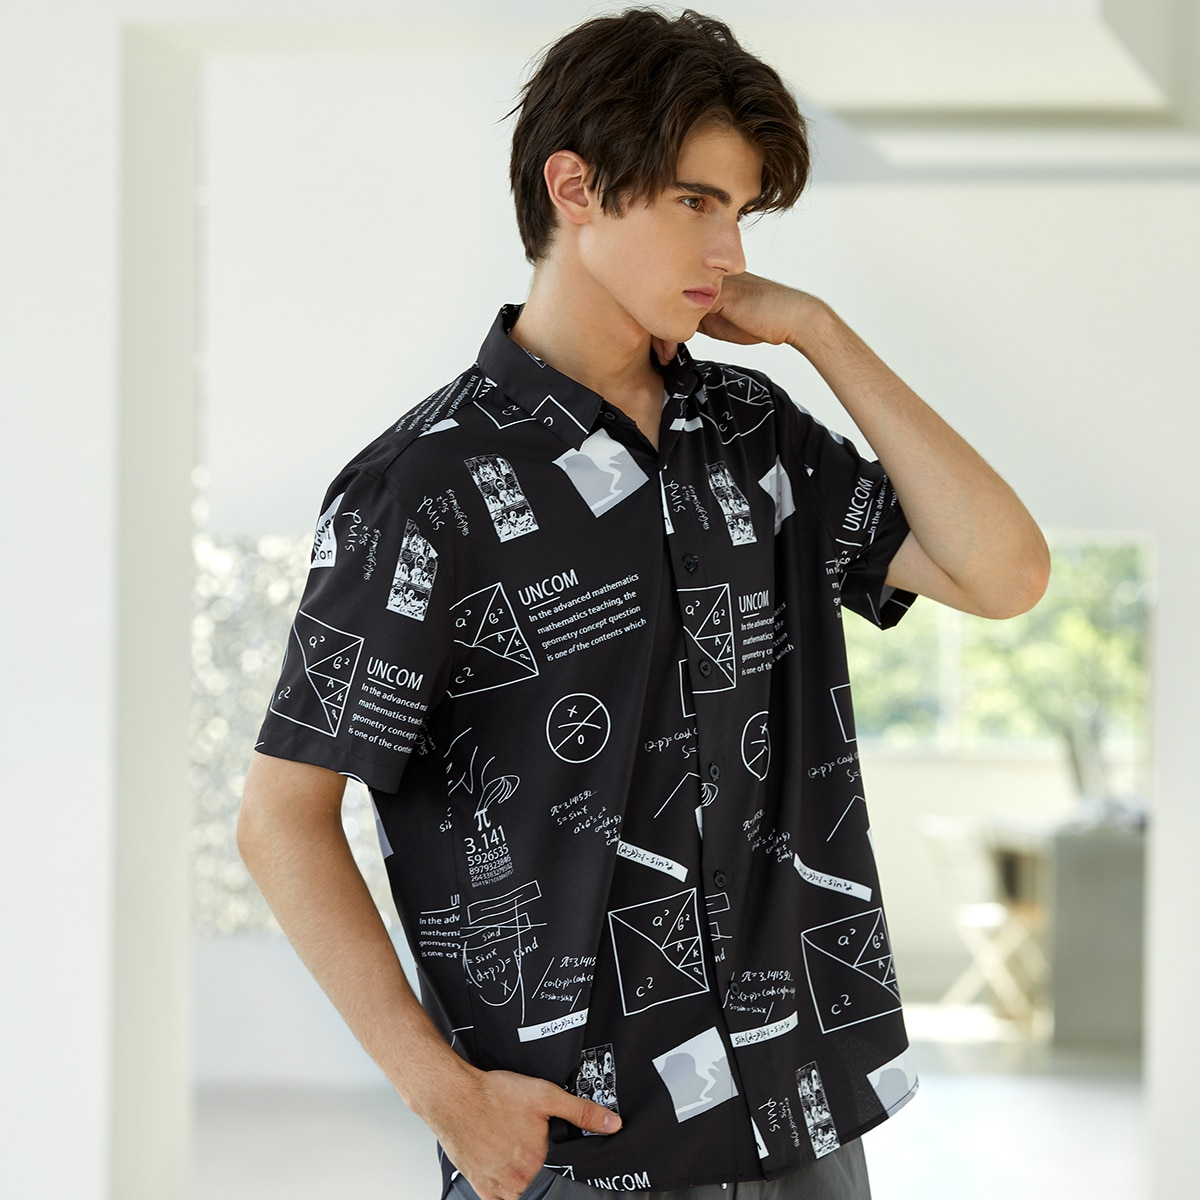 Мужская рубашка с текстовым рисунком